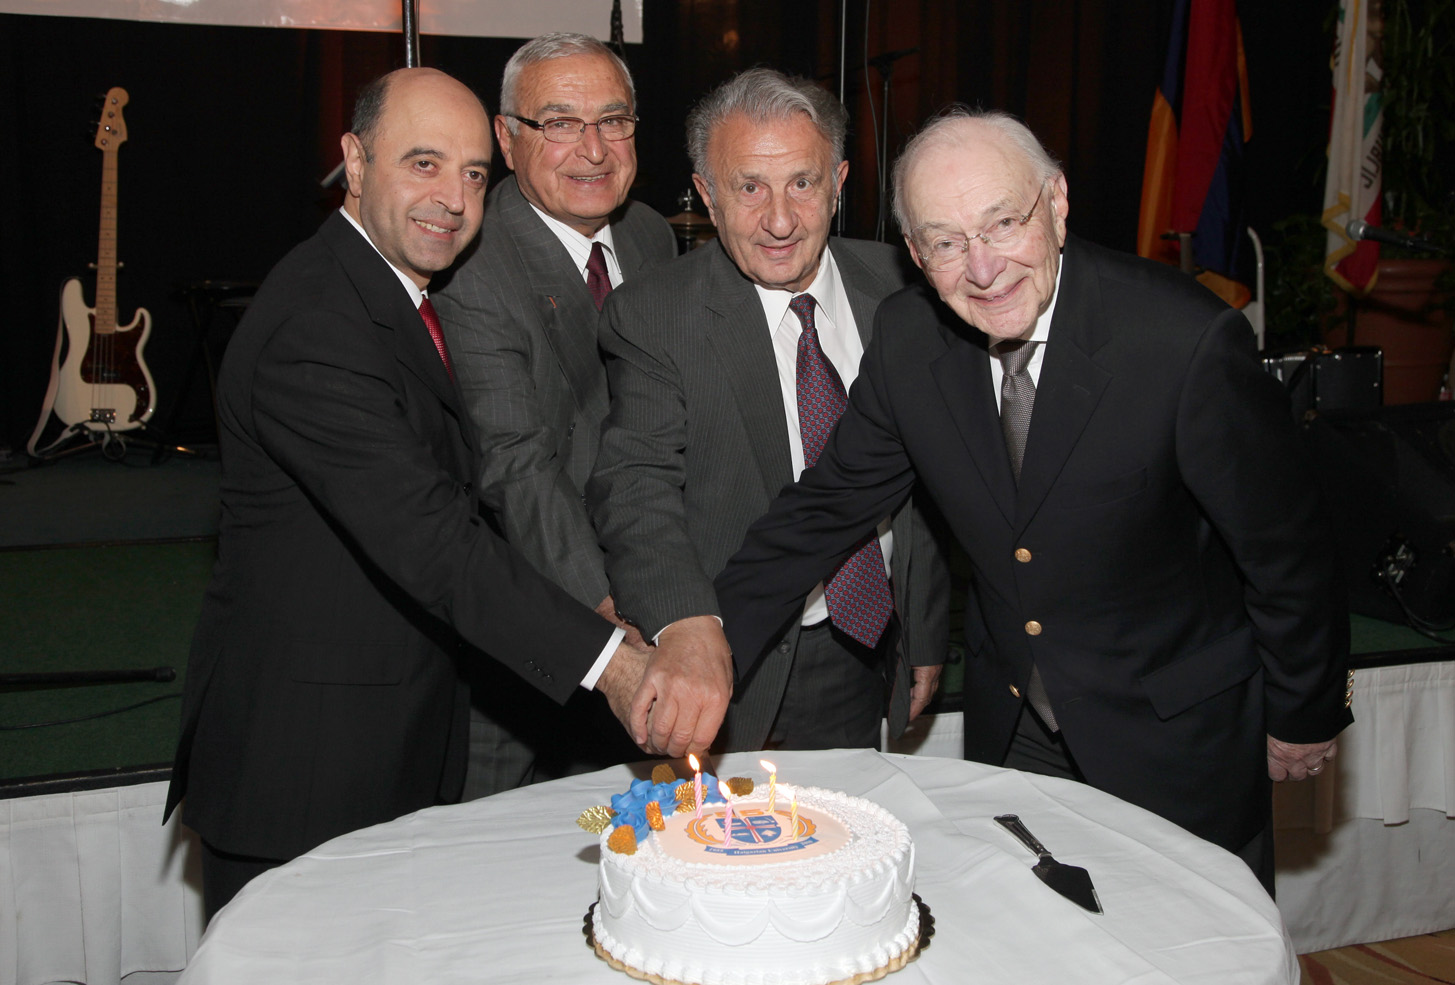 HU 55th All Haigazian presidents Paul Haidostian John Khanjian Gilbert Bilezikian John Markarian